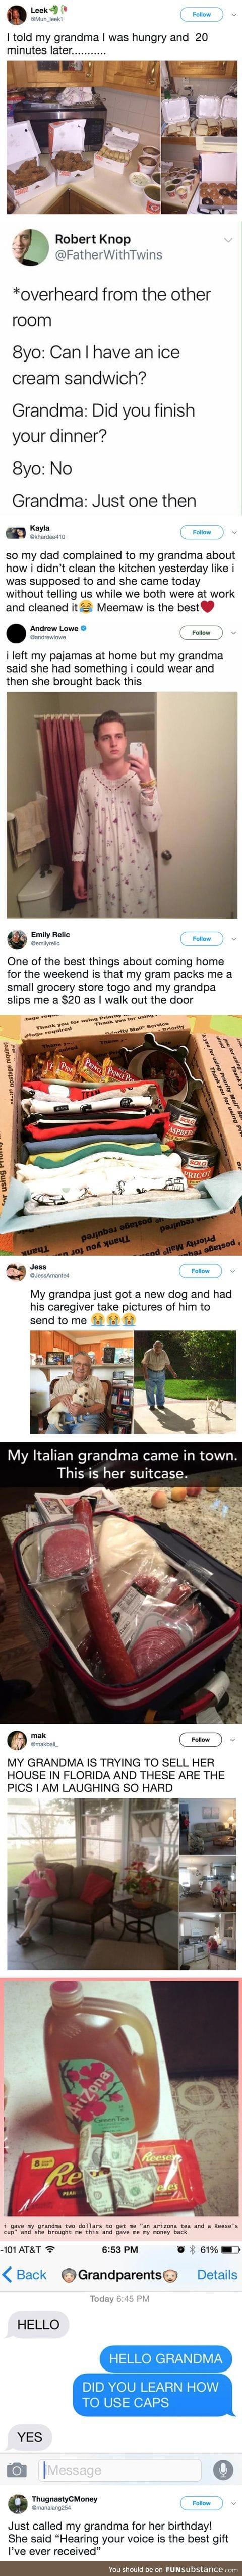 A tribute to grandmas everywhere